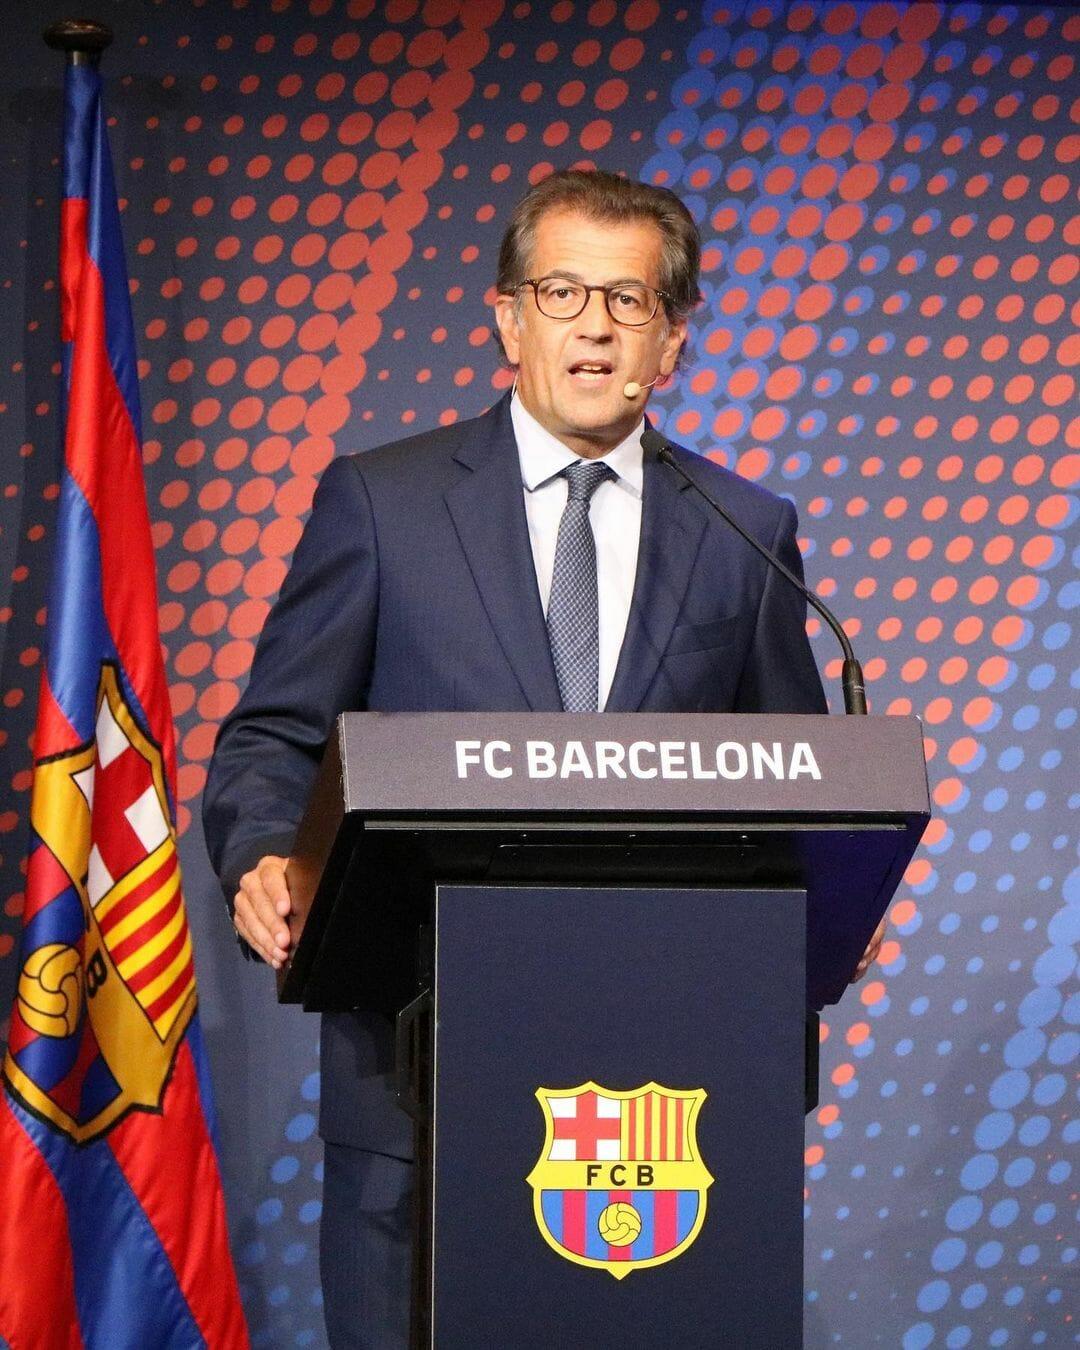 توني فريسكا مرشح برشلونة يشن هجوماً على فريق ريال مدريد الإسباني